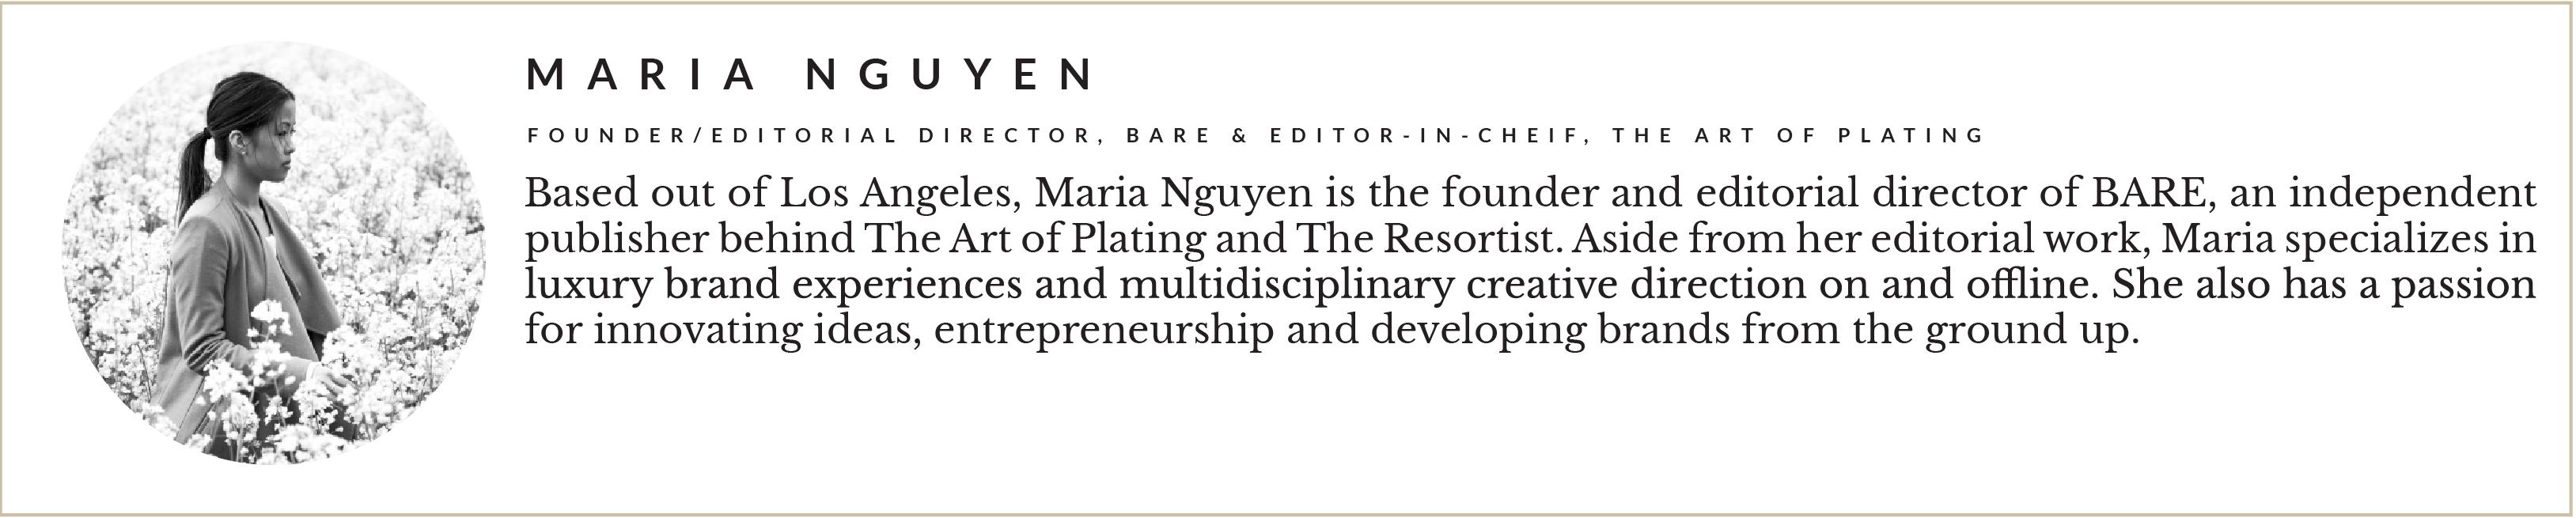 Entity presents Maria Nguyen